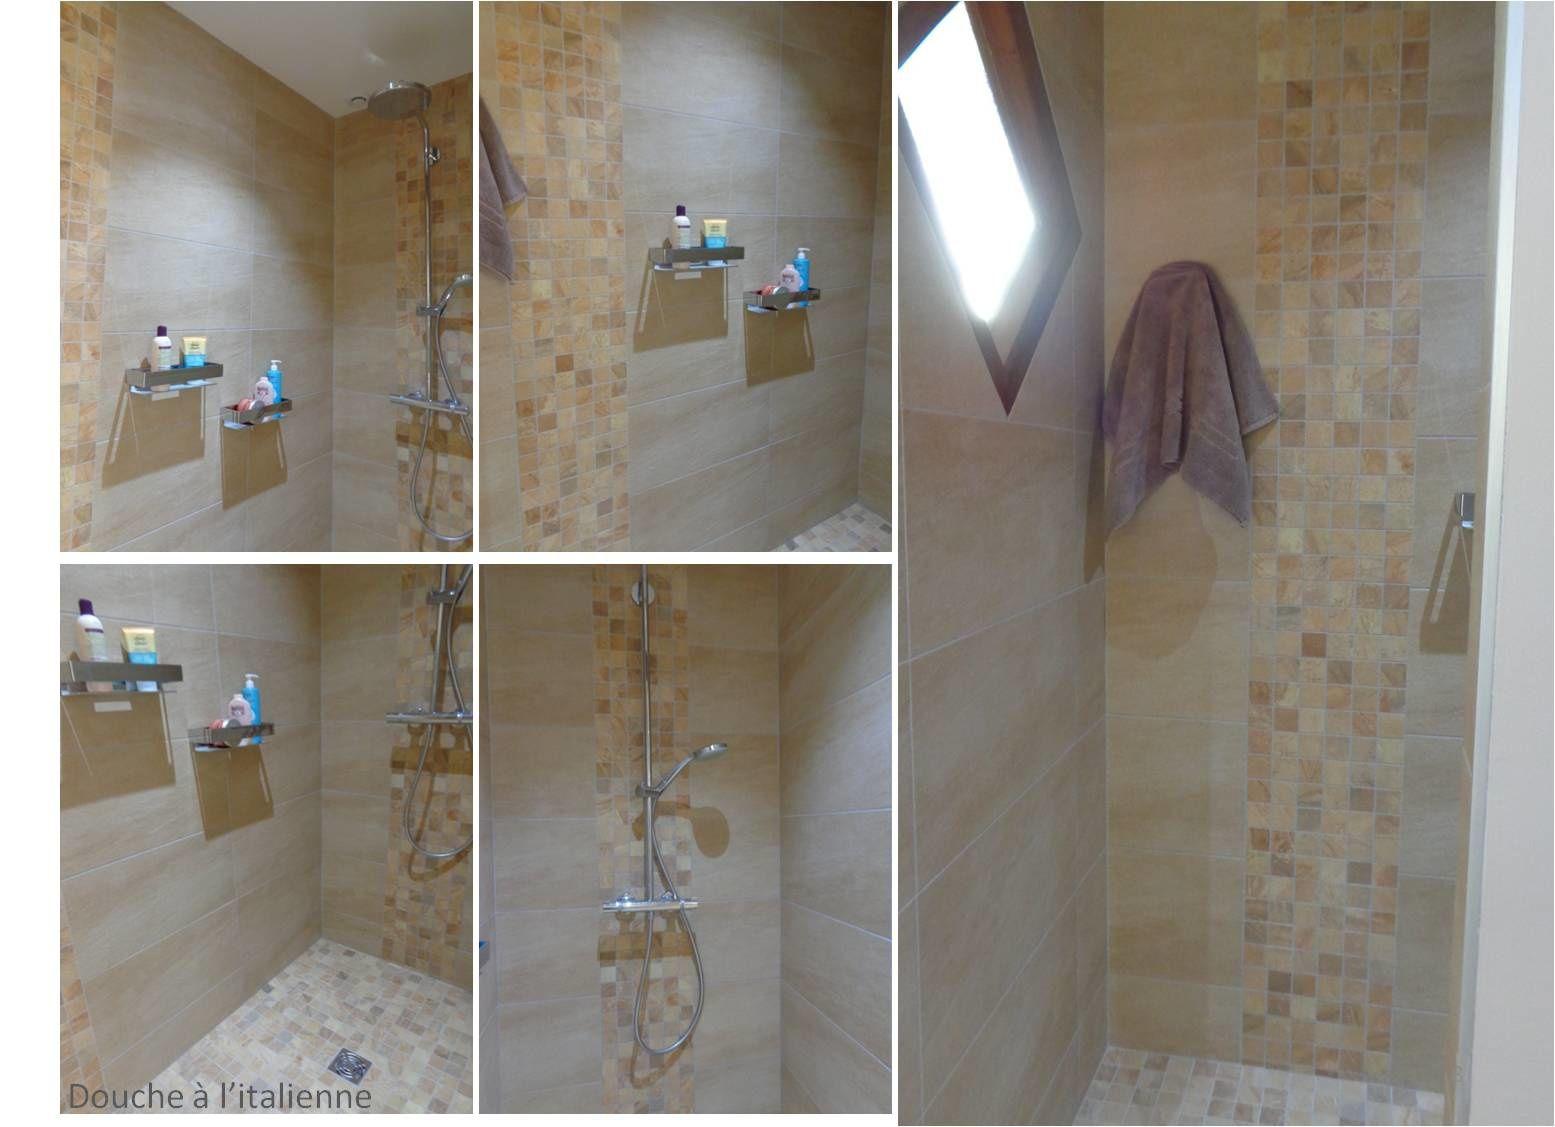 La salle d'eau apporte une note contemporaine